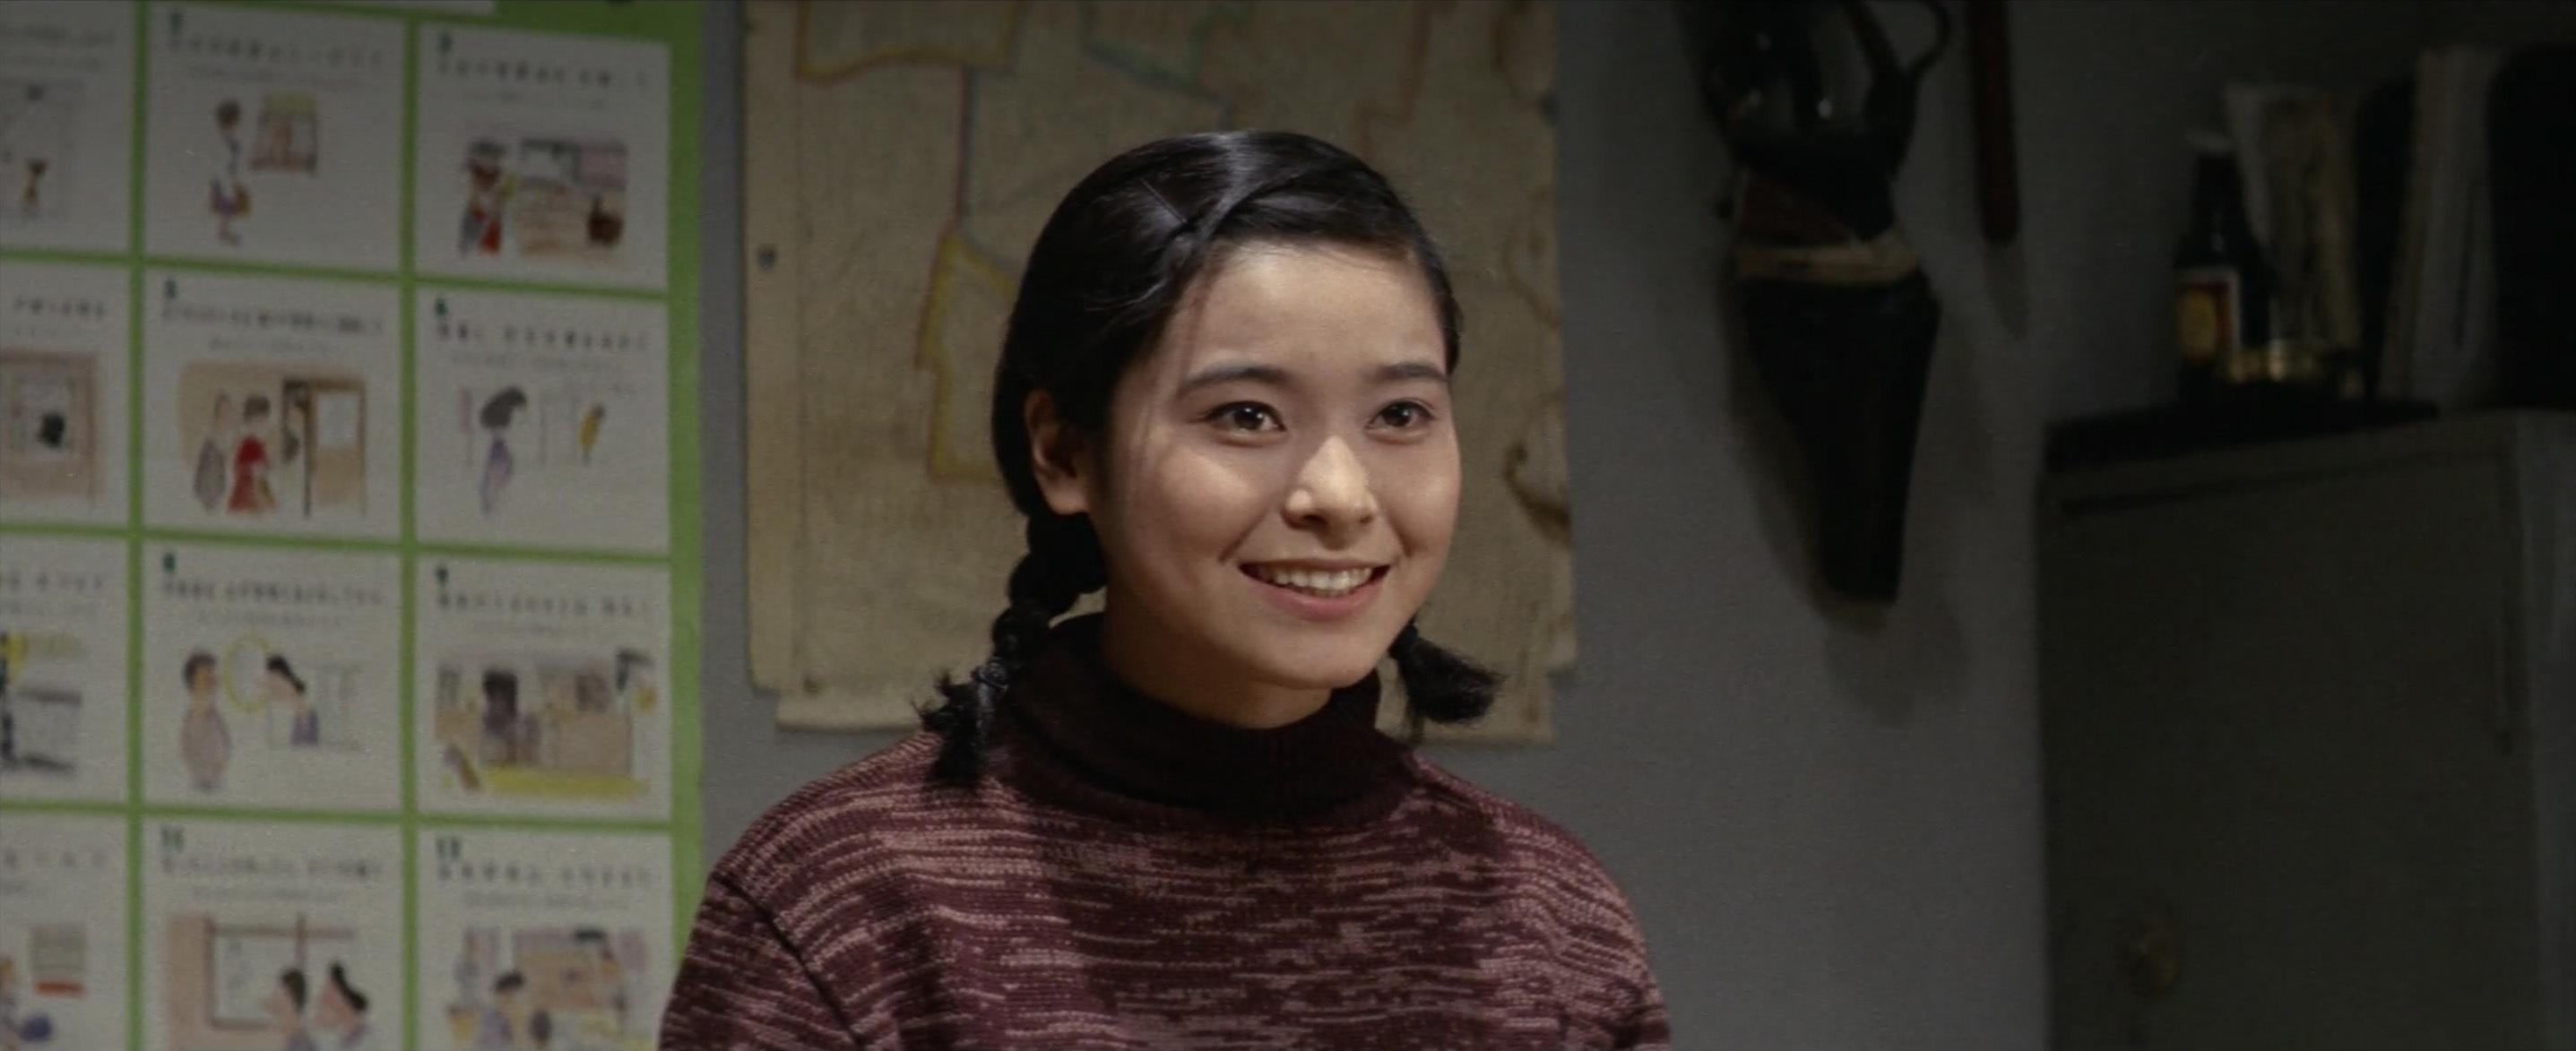 西尾三枝子(Mieko Nishio)「美しい十代」(1964)《前編》_e0042361_21084713.jpg